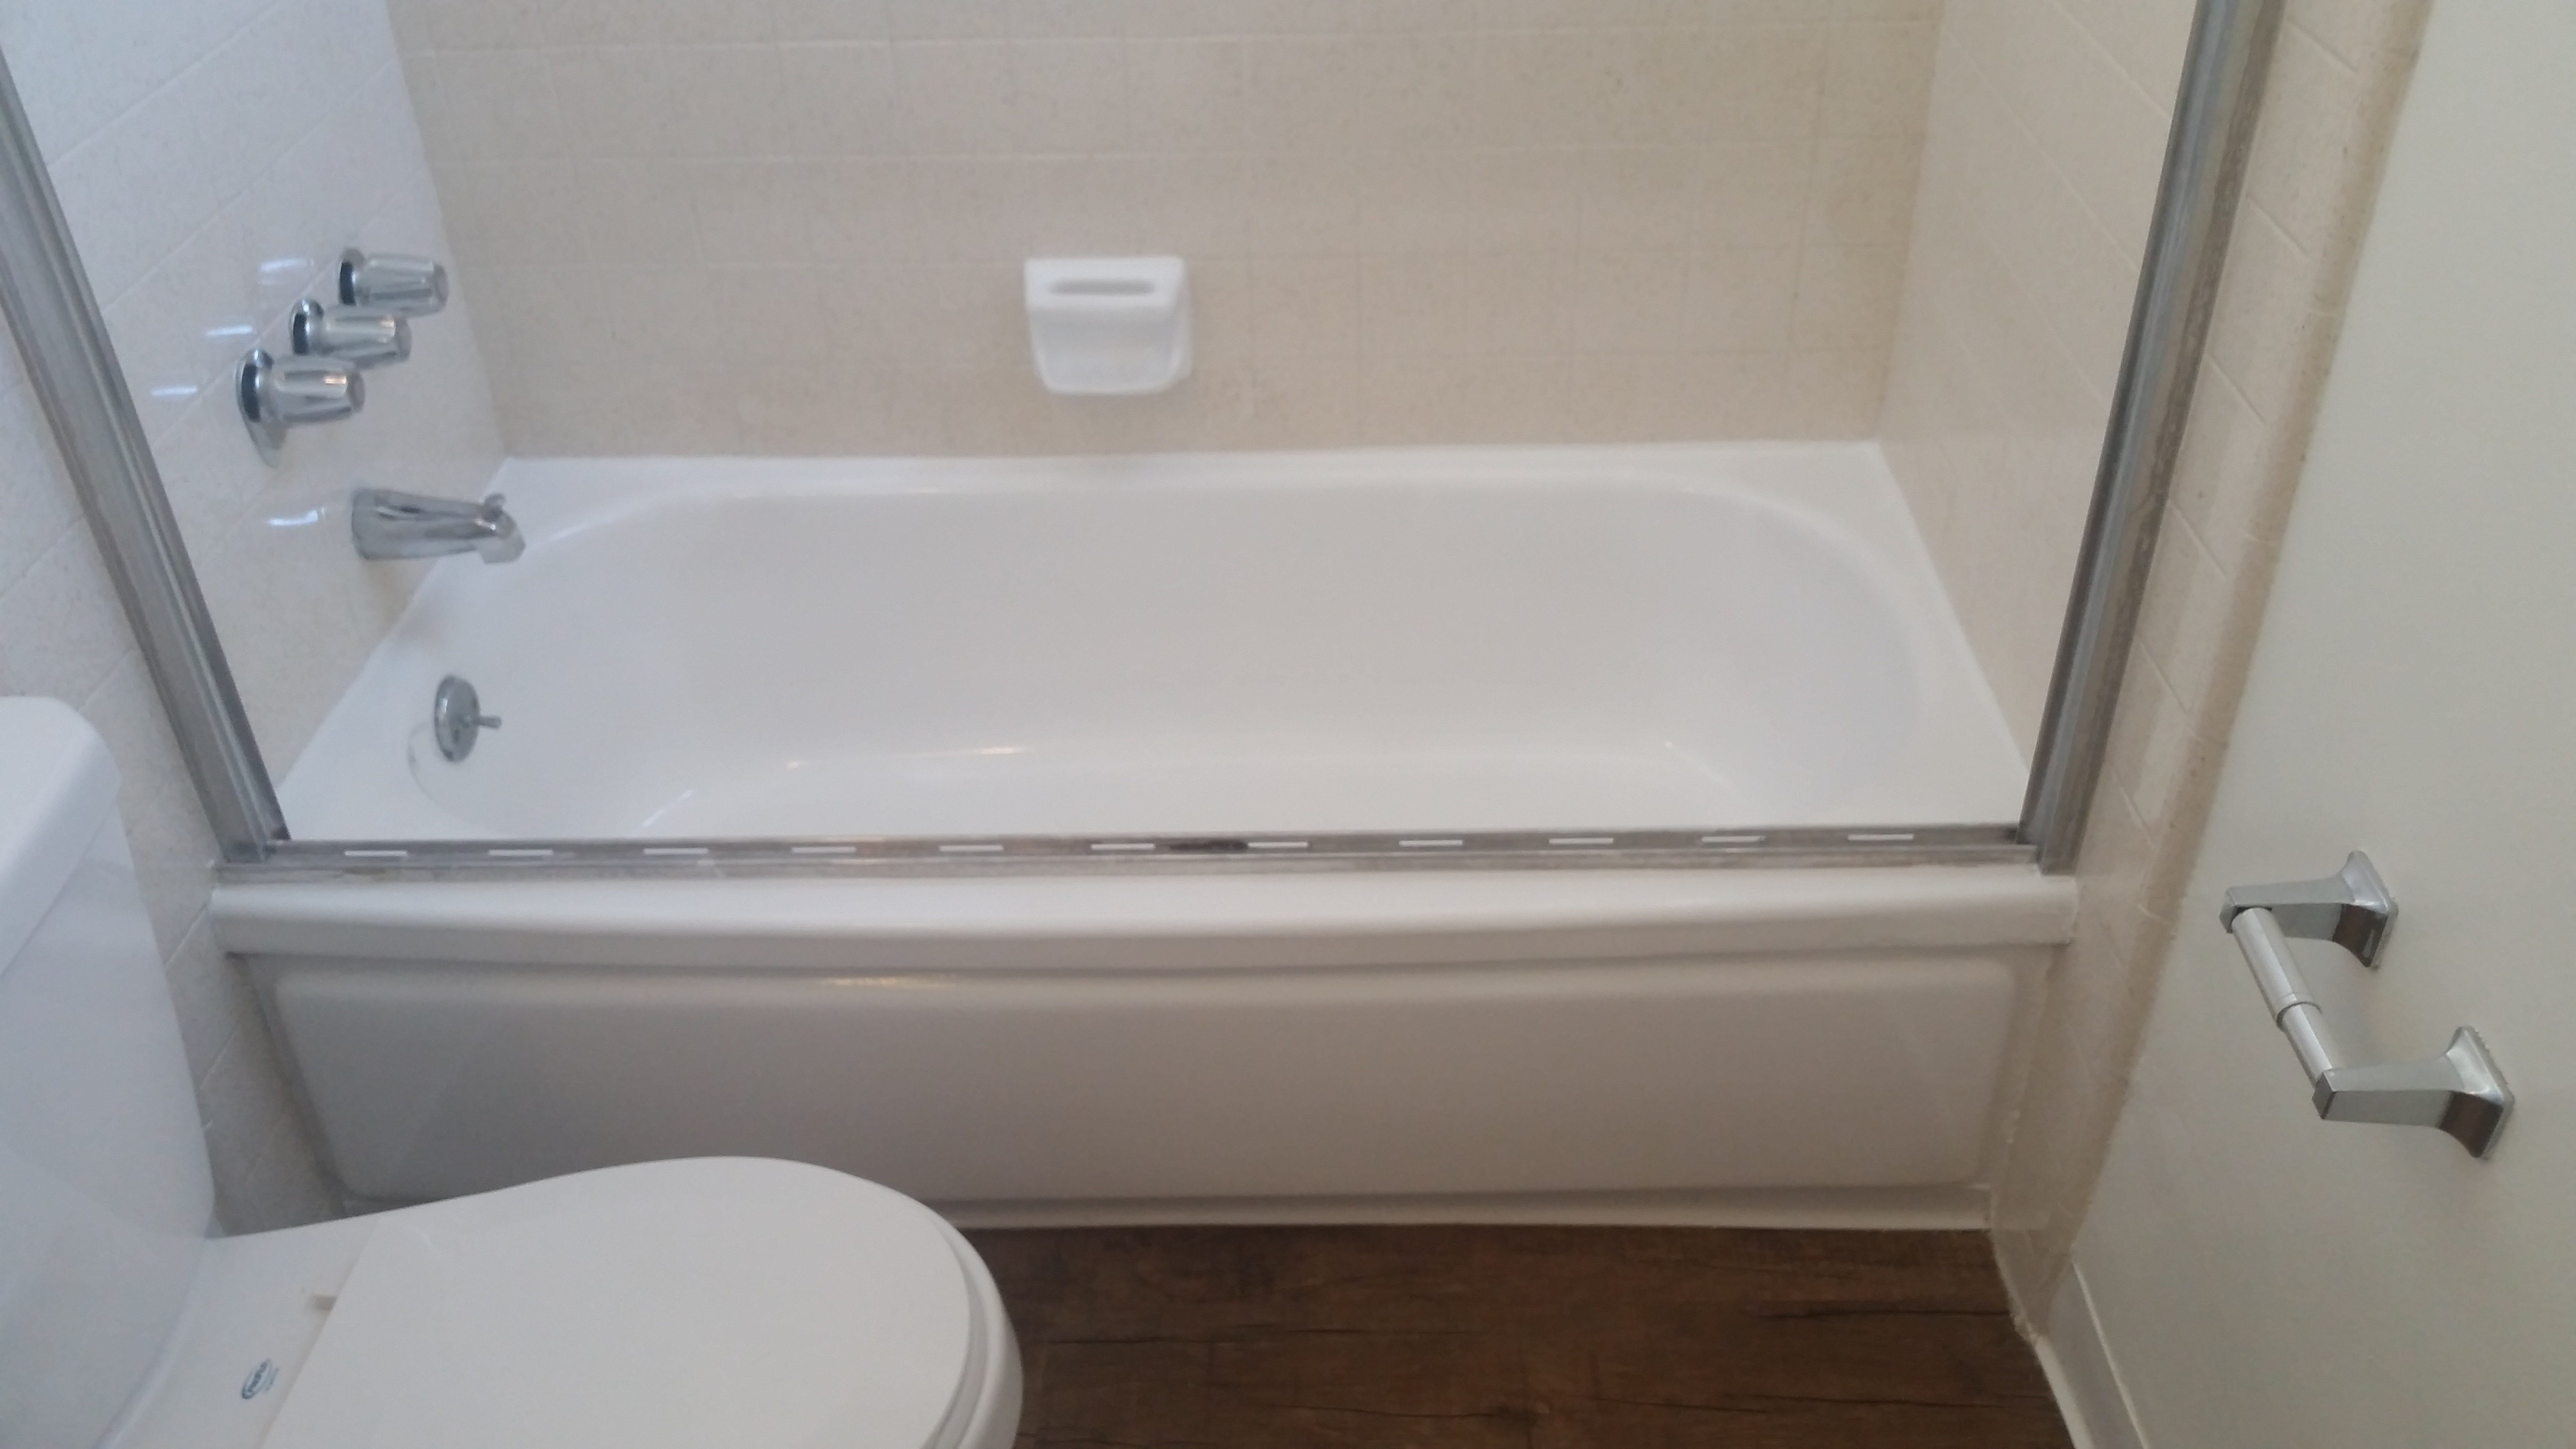 Tub & Tile After